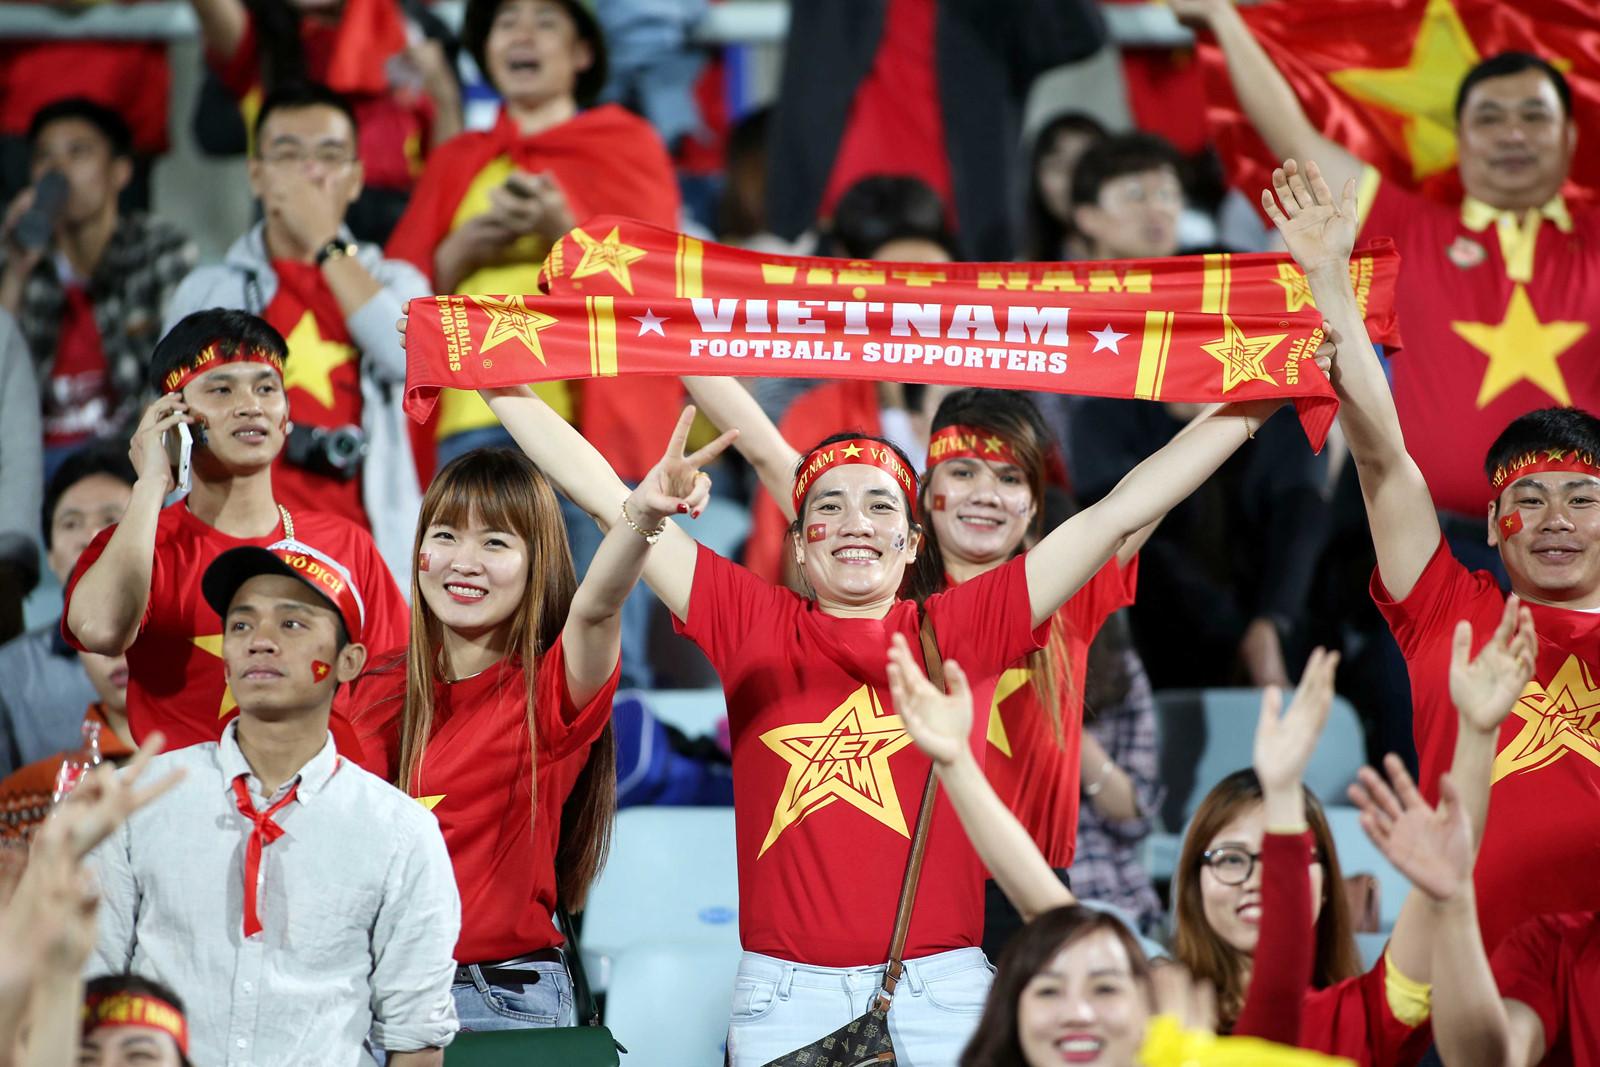 Người hâm mộ đồng hành với đội tuyển Việt Nam theo cách đặc biệt chưa từng có